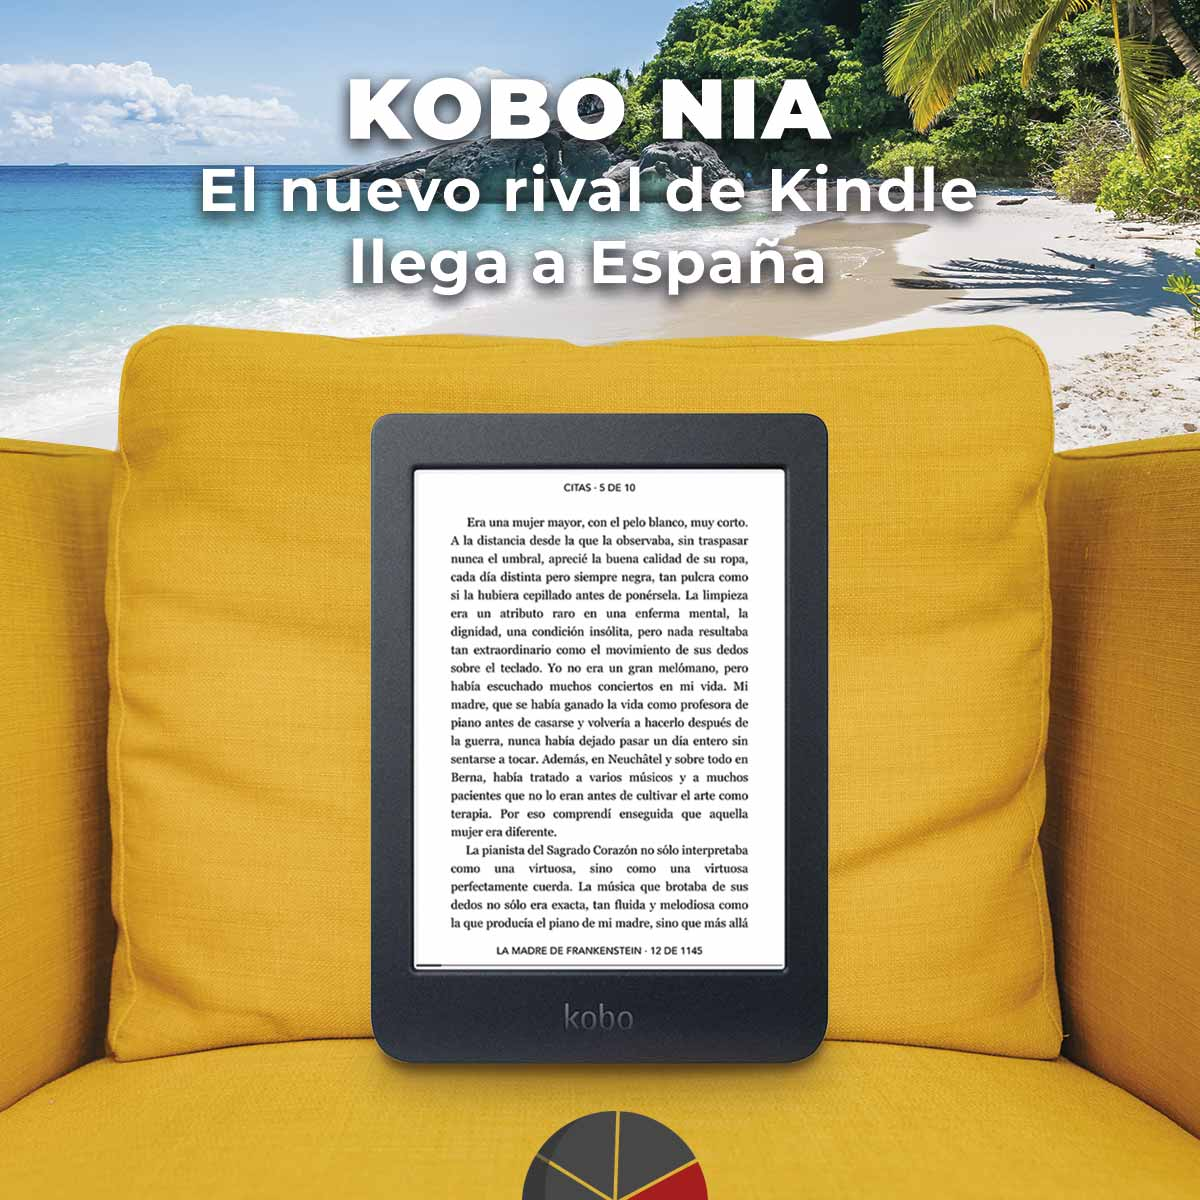 Kobo-Nia-el-nuevo-rival-de-Kindle-llega-a-Espana